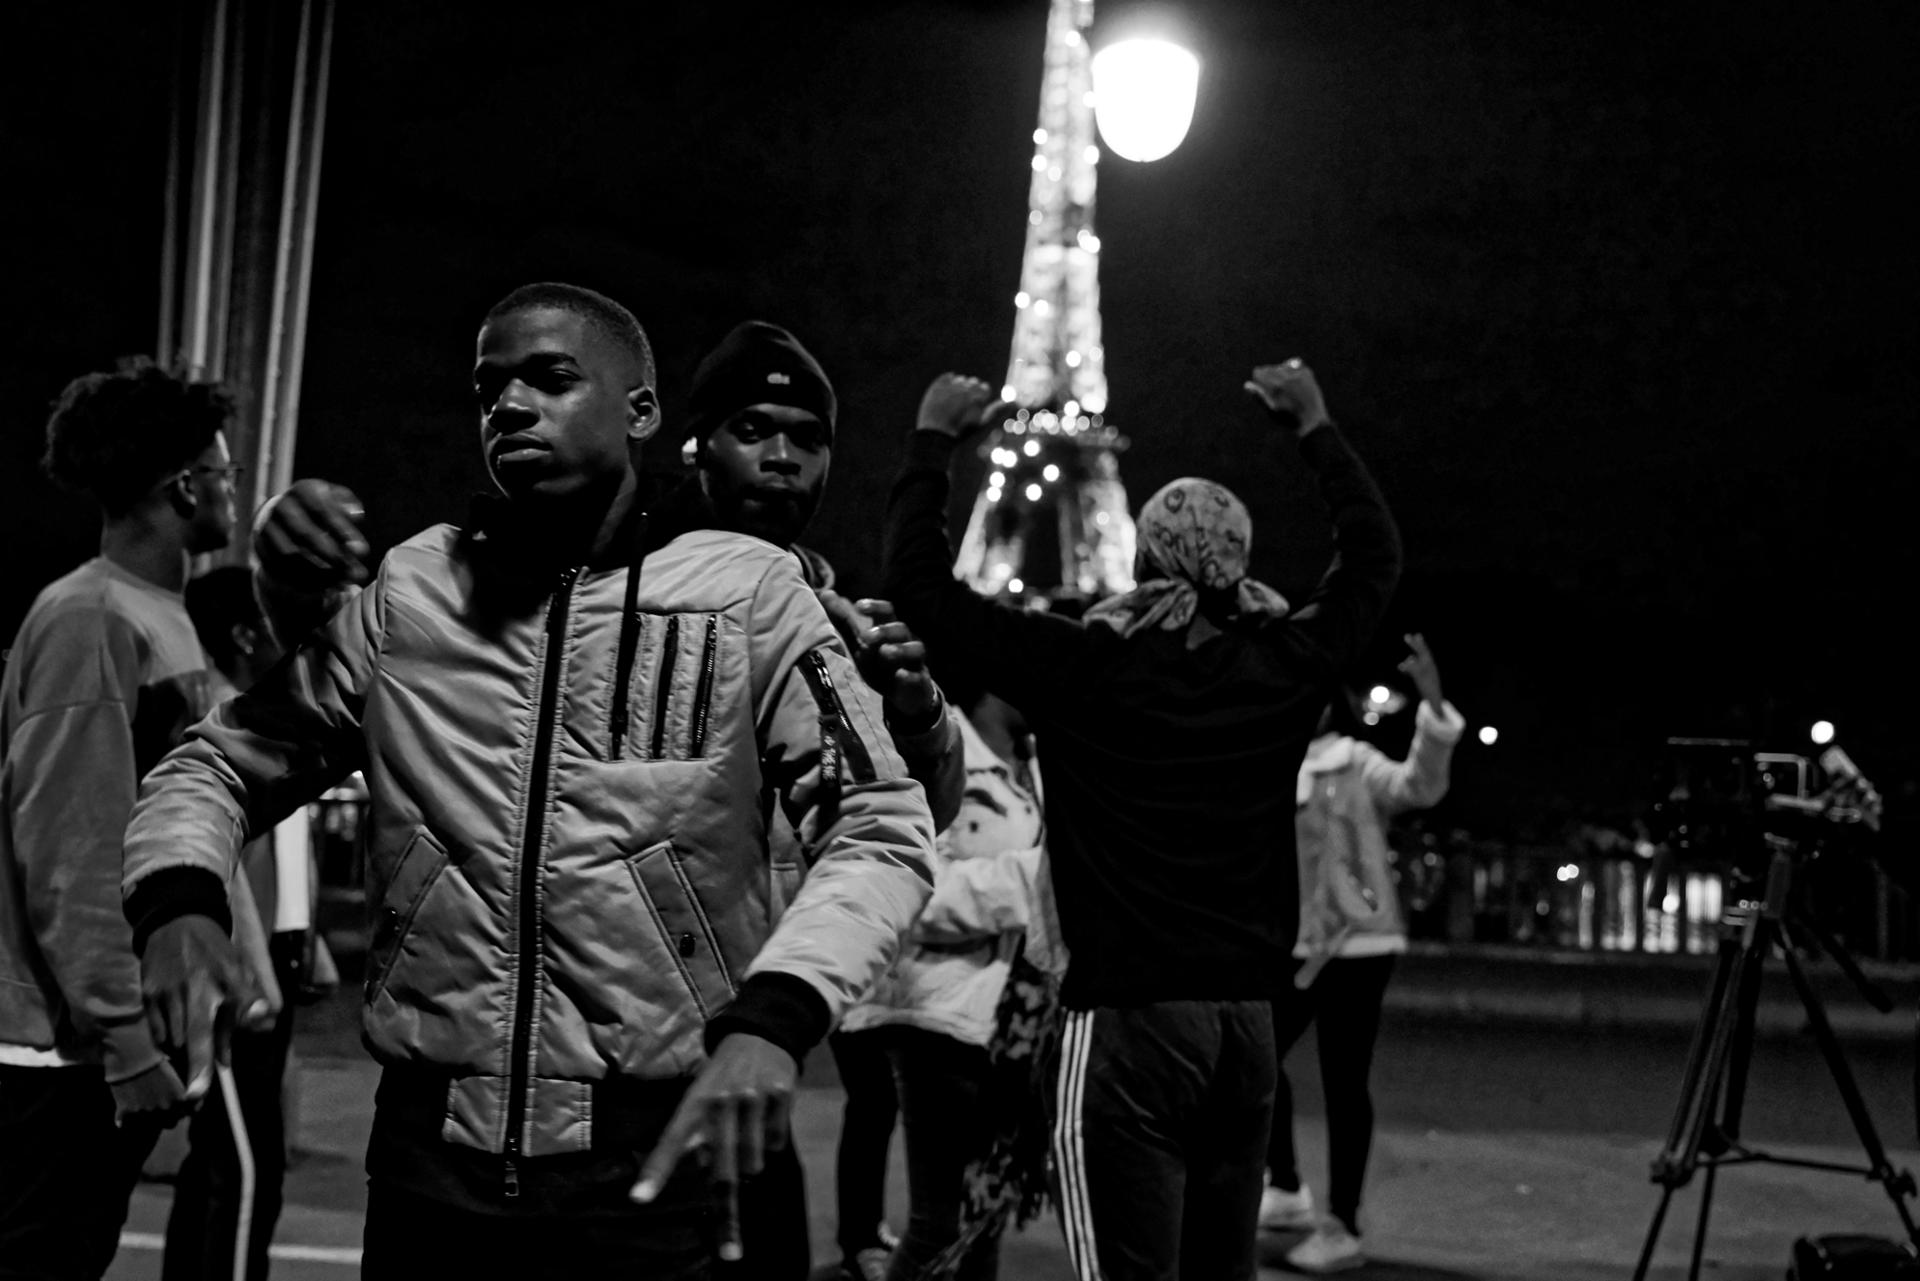 Paris Octobre 2017, chanteurs RAP & Gospel LES JUMEAUX de LETERNEL